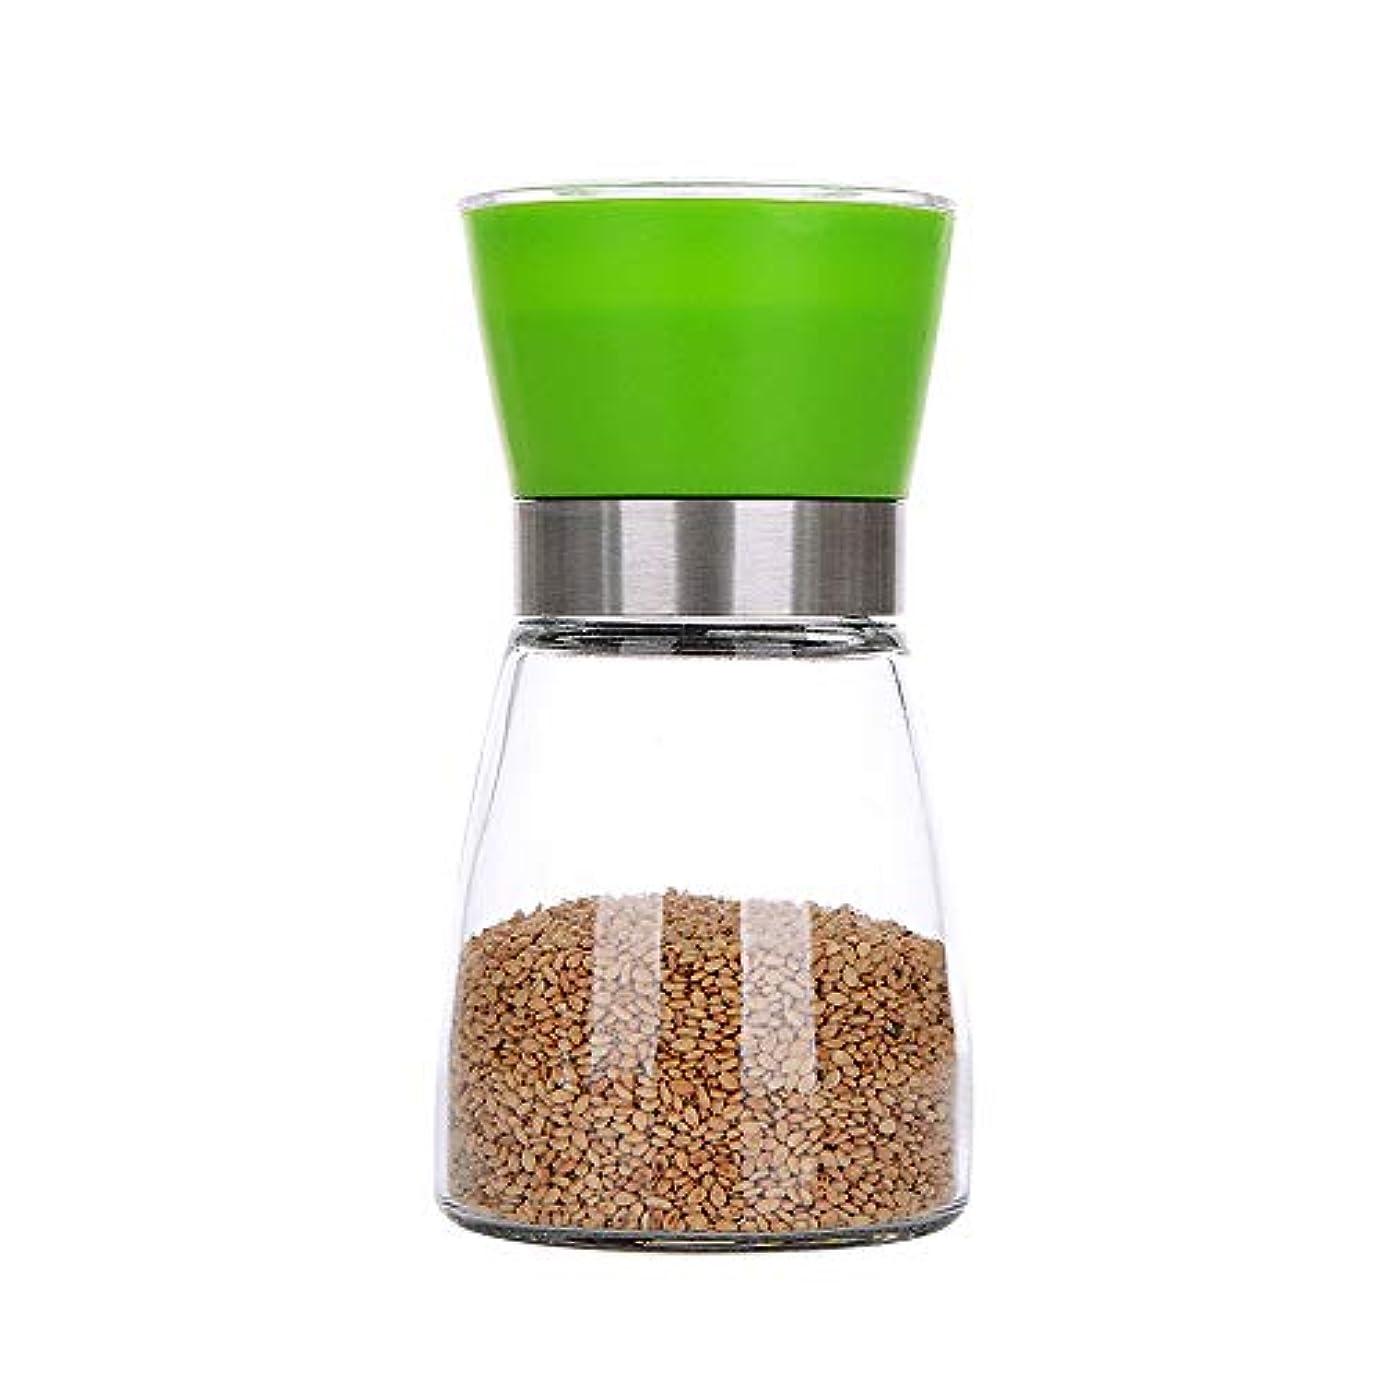 ラッドヤードキップリング光沢のあるヘロインシーズニングキッチン用品ゴマペッパーミルガラス調味料瓶13 * 6.5cm (色 : A, サイズ さいず : 1)